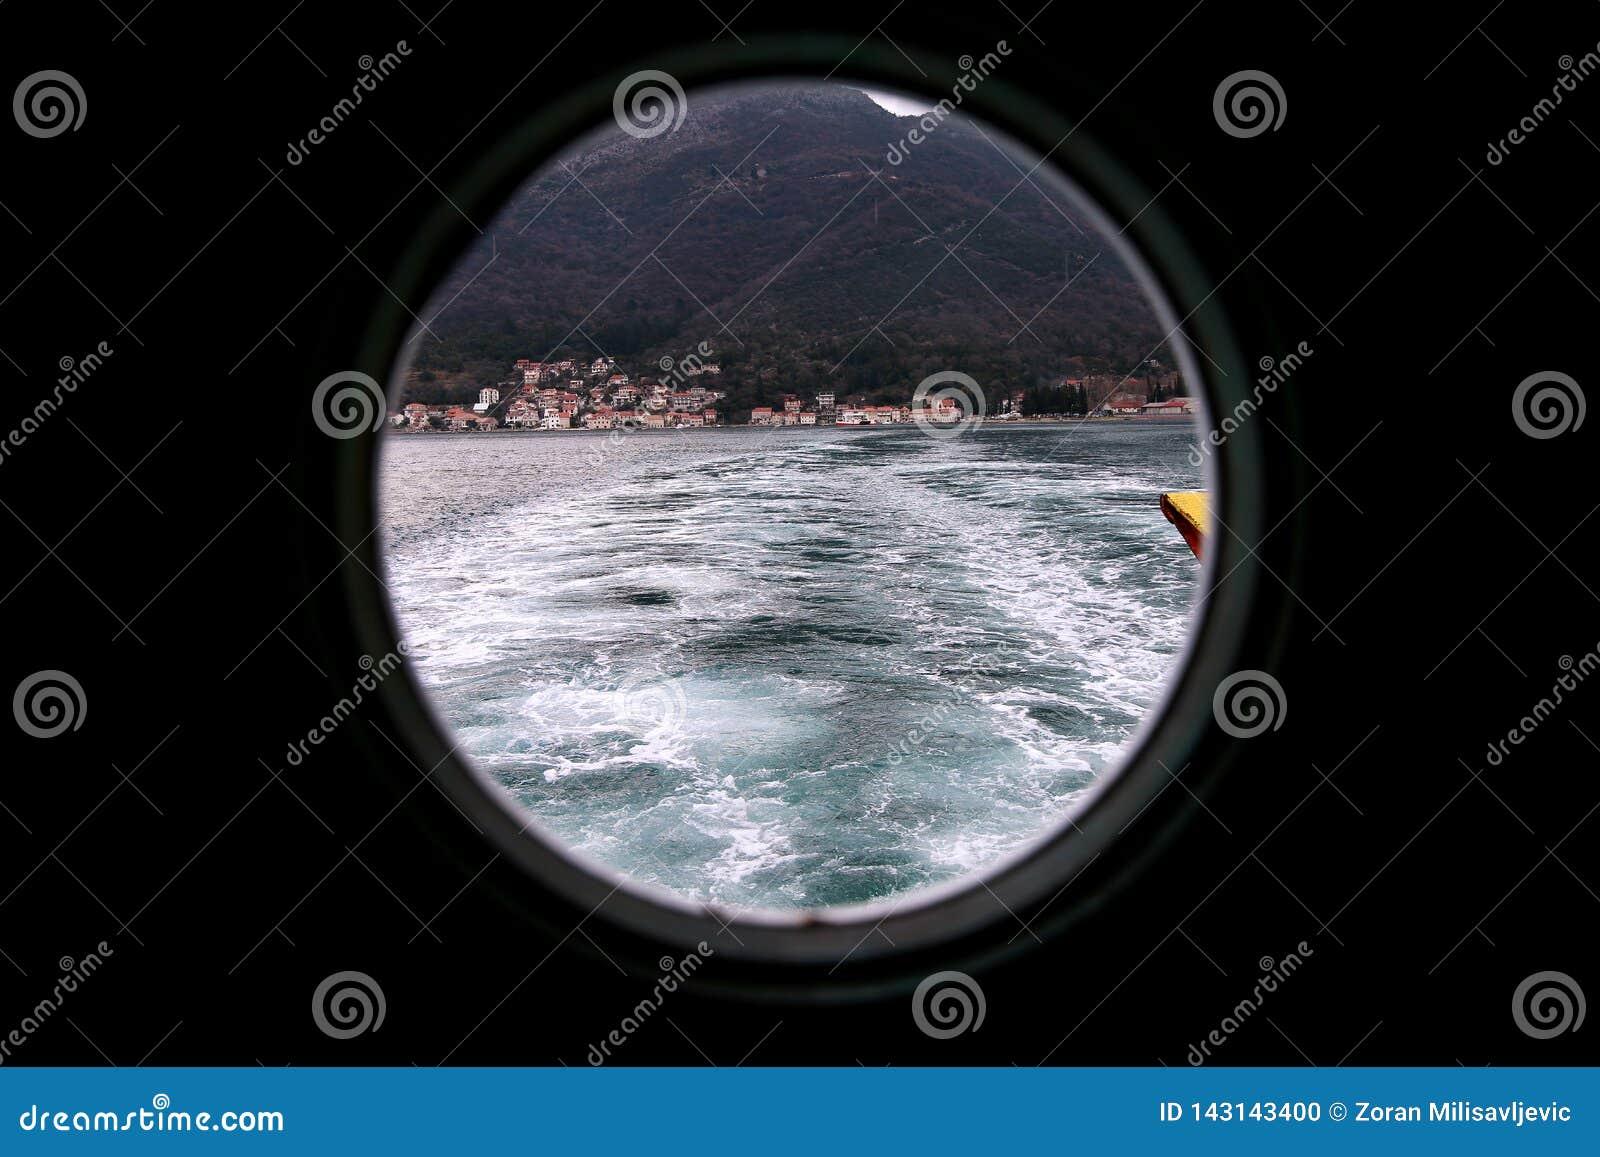 Scharnierend om venster, onweersdekking op schip die buiten in Middellandse Zee kijken Patrijspoortmening door venster op schip